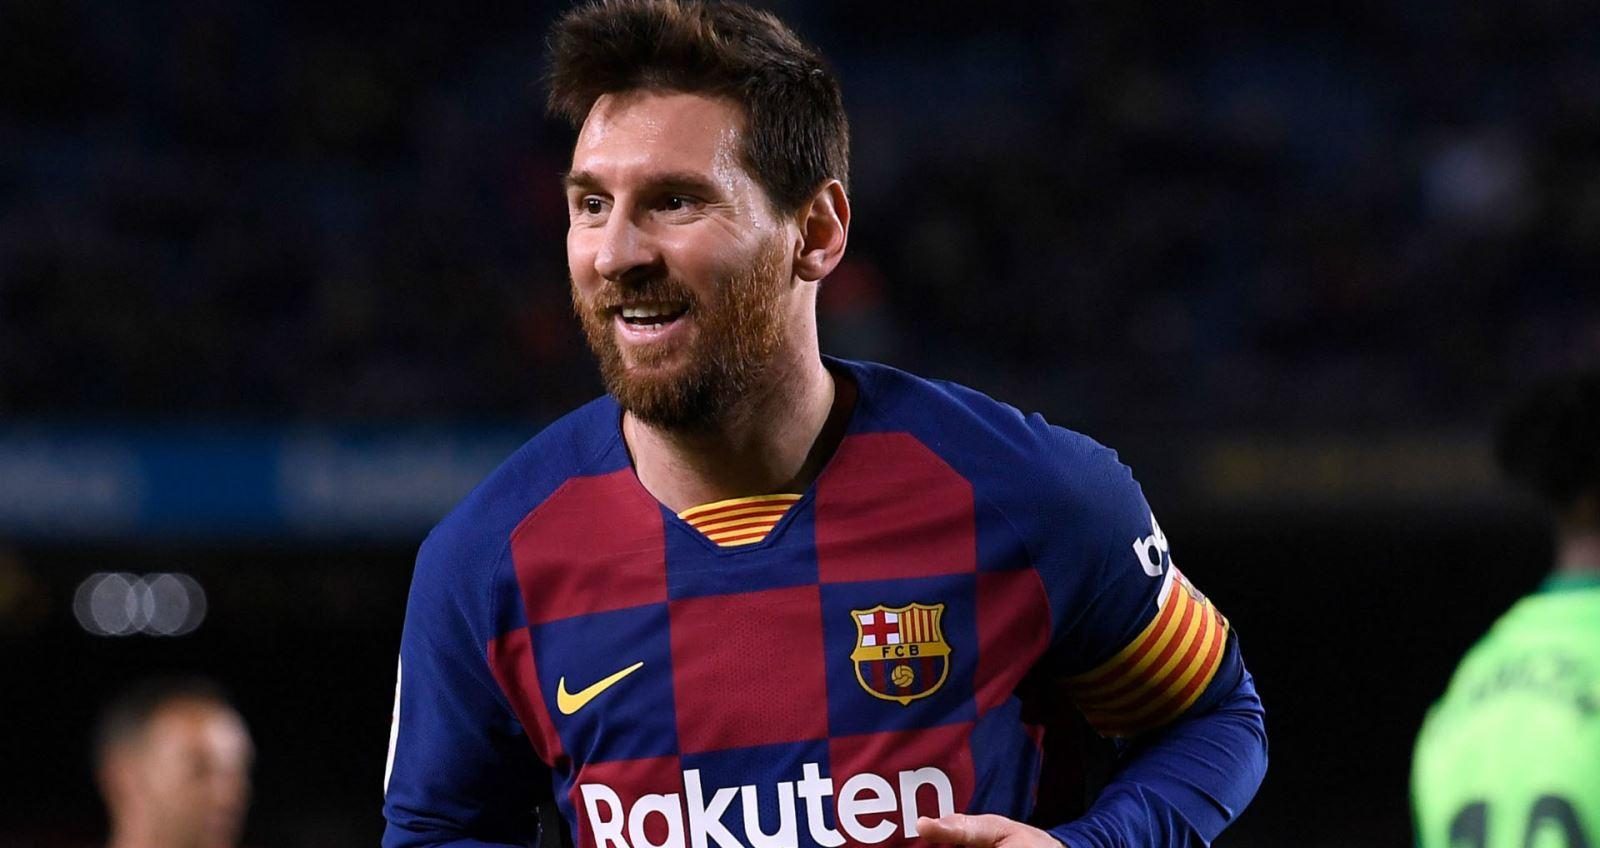 Barca, Messi, Bartomeu, Barcelona, scandal, pique, mạng xã hội, bóng đá, bong da, la liga, lịch thi đấu